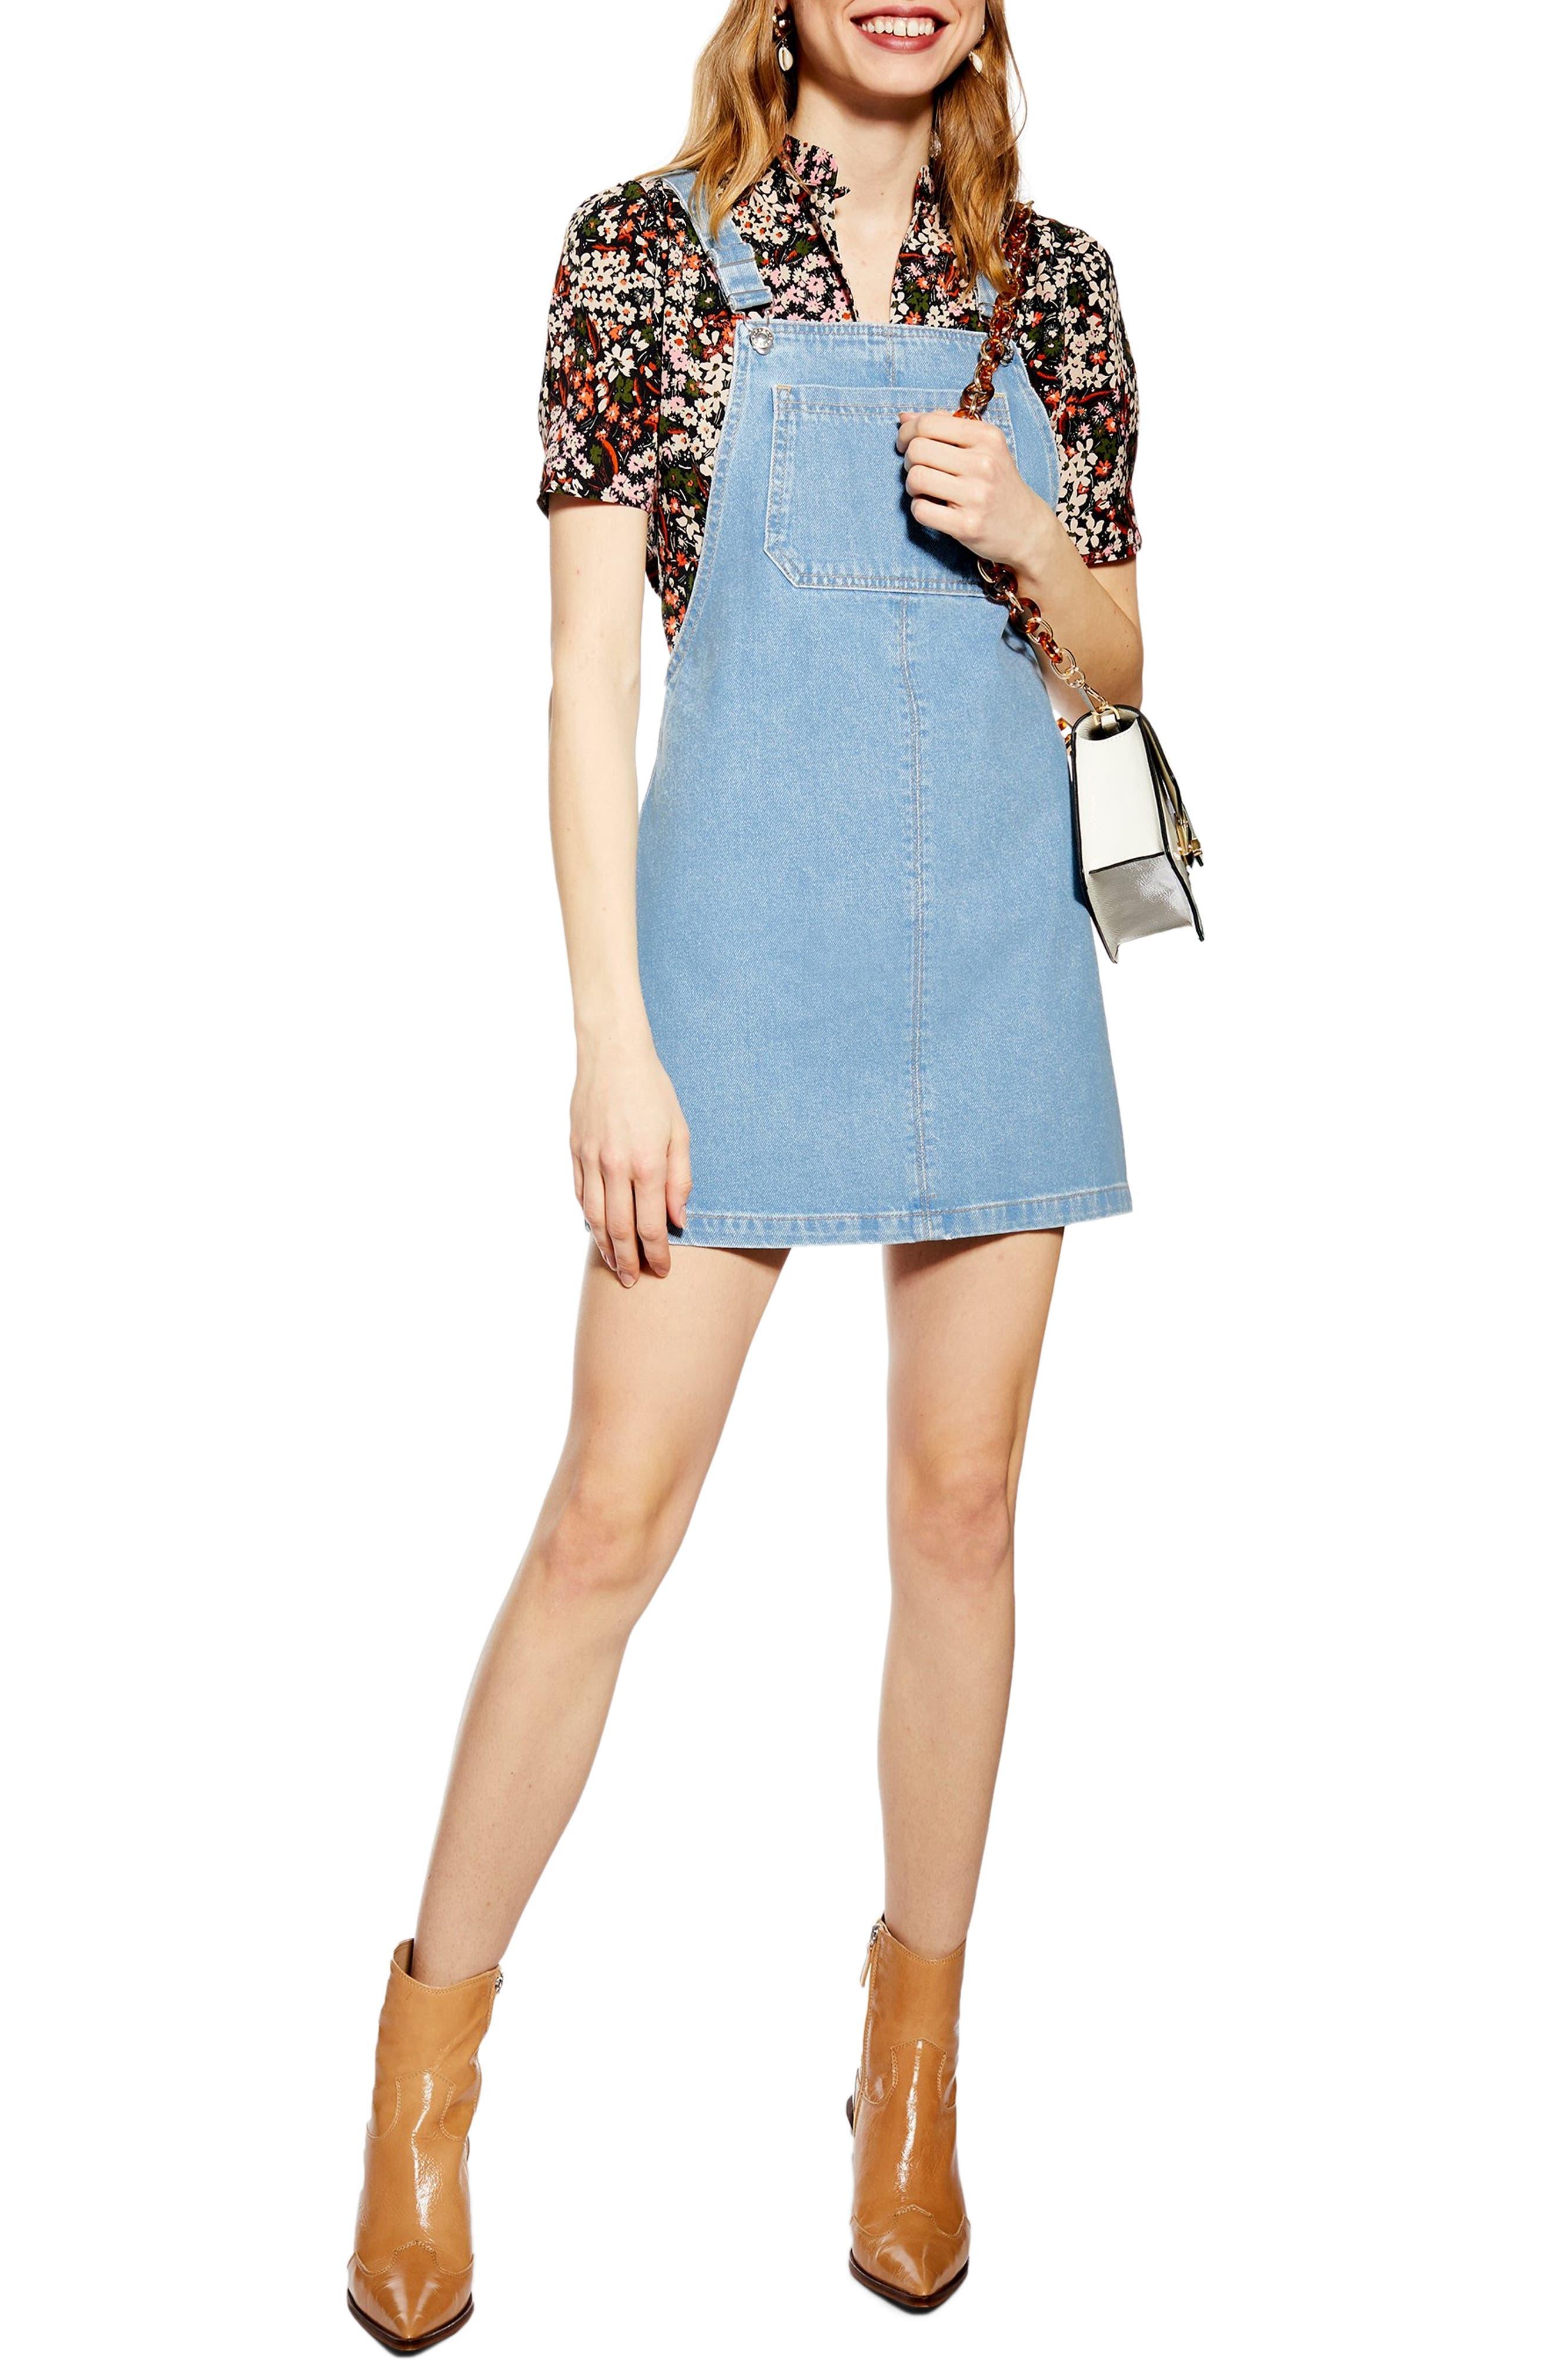 Topshop Denim Pinafore Bib Pocket Dress, US (fits like 14) - Blue